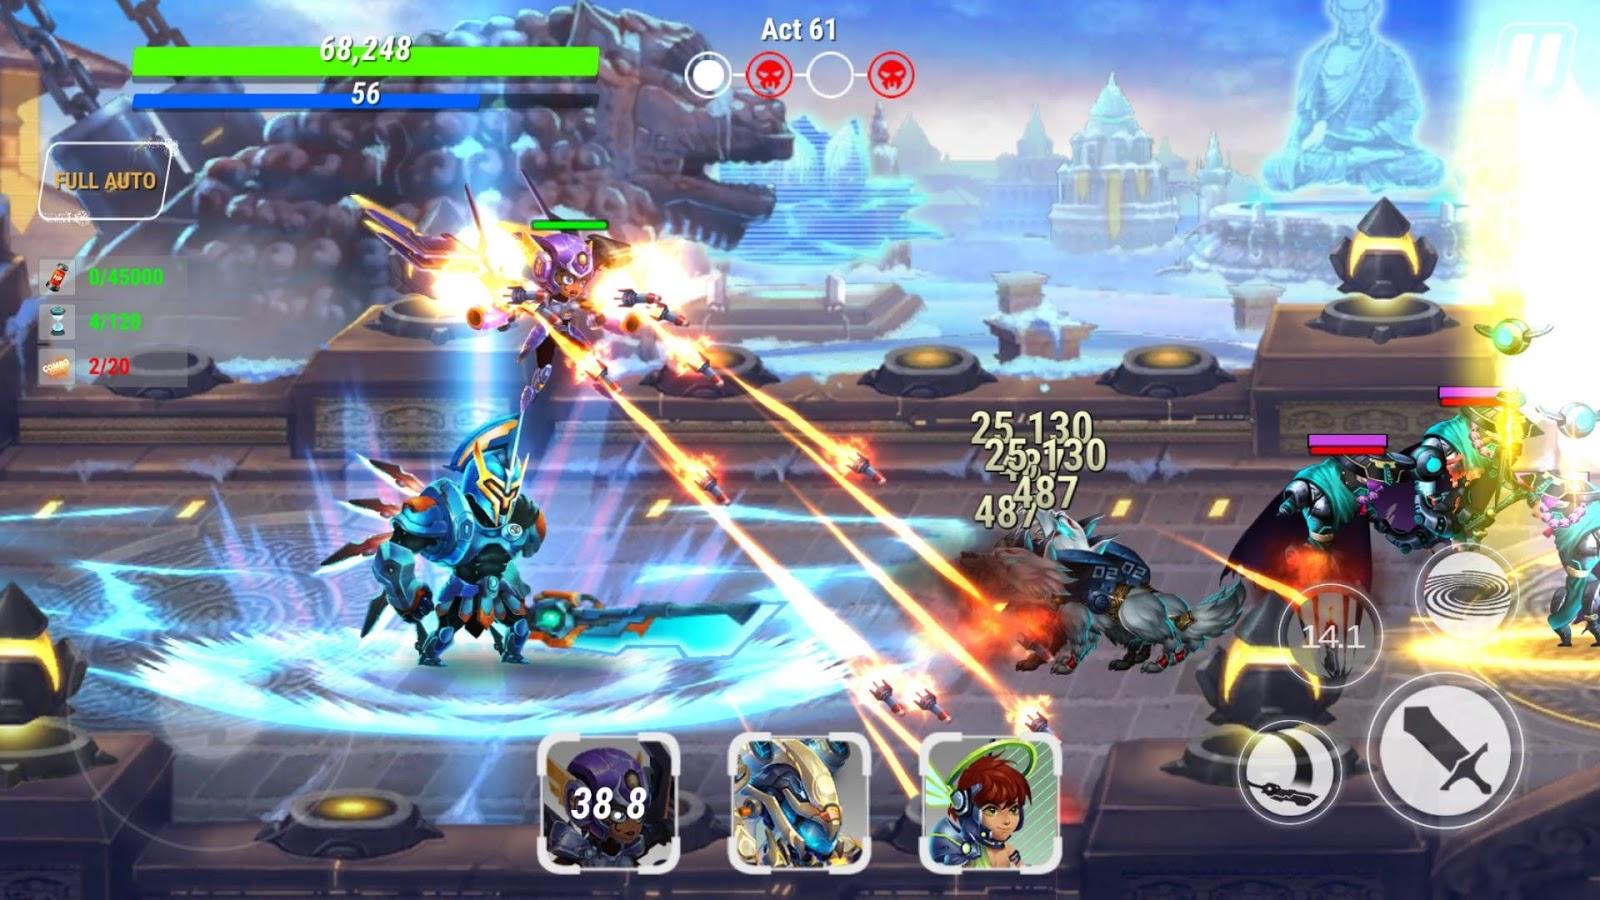 Độc đáo game nhập vai Heroes Infinity 2